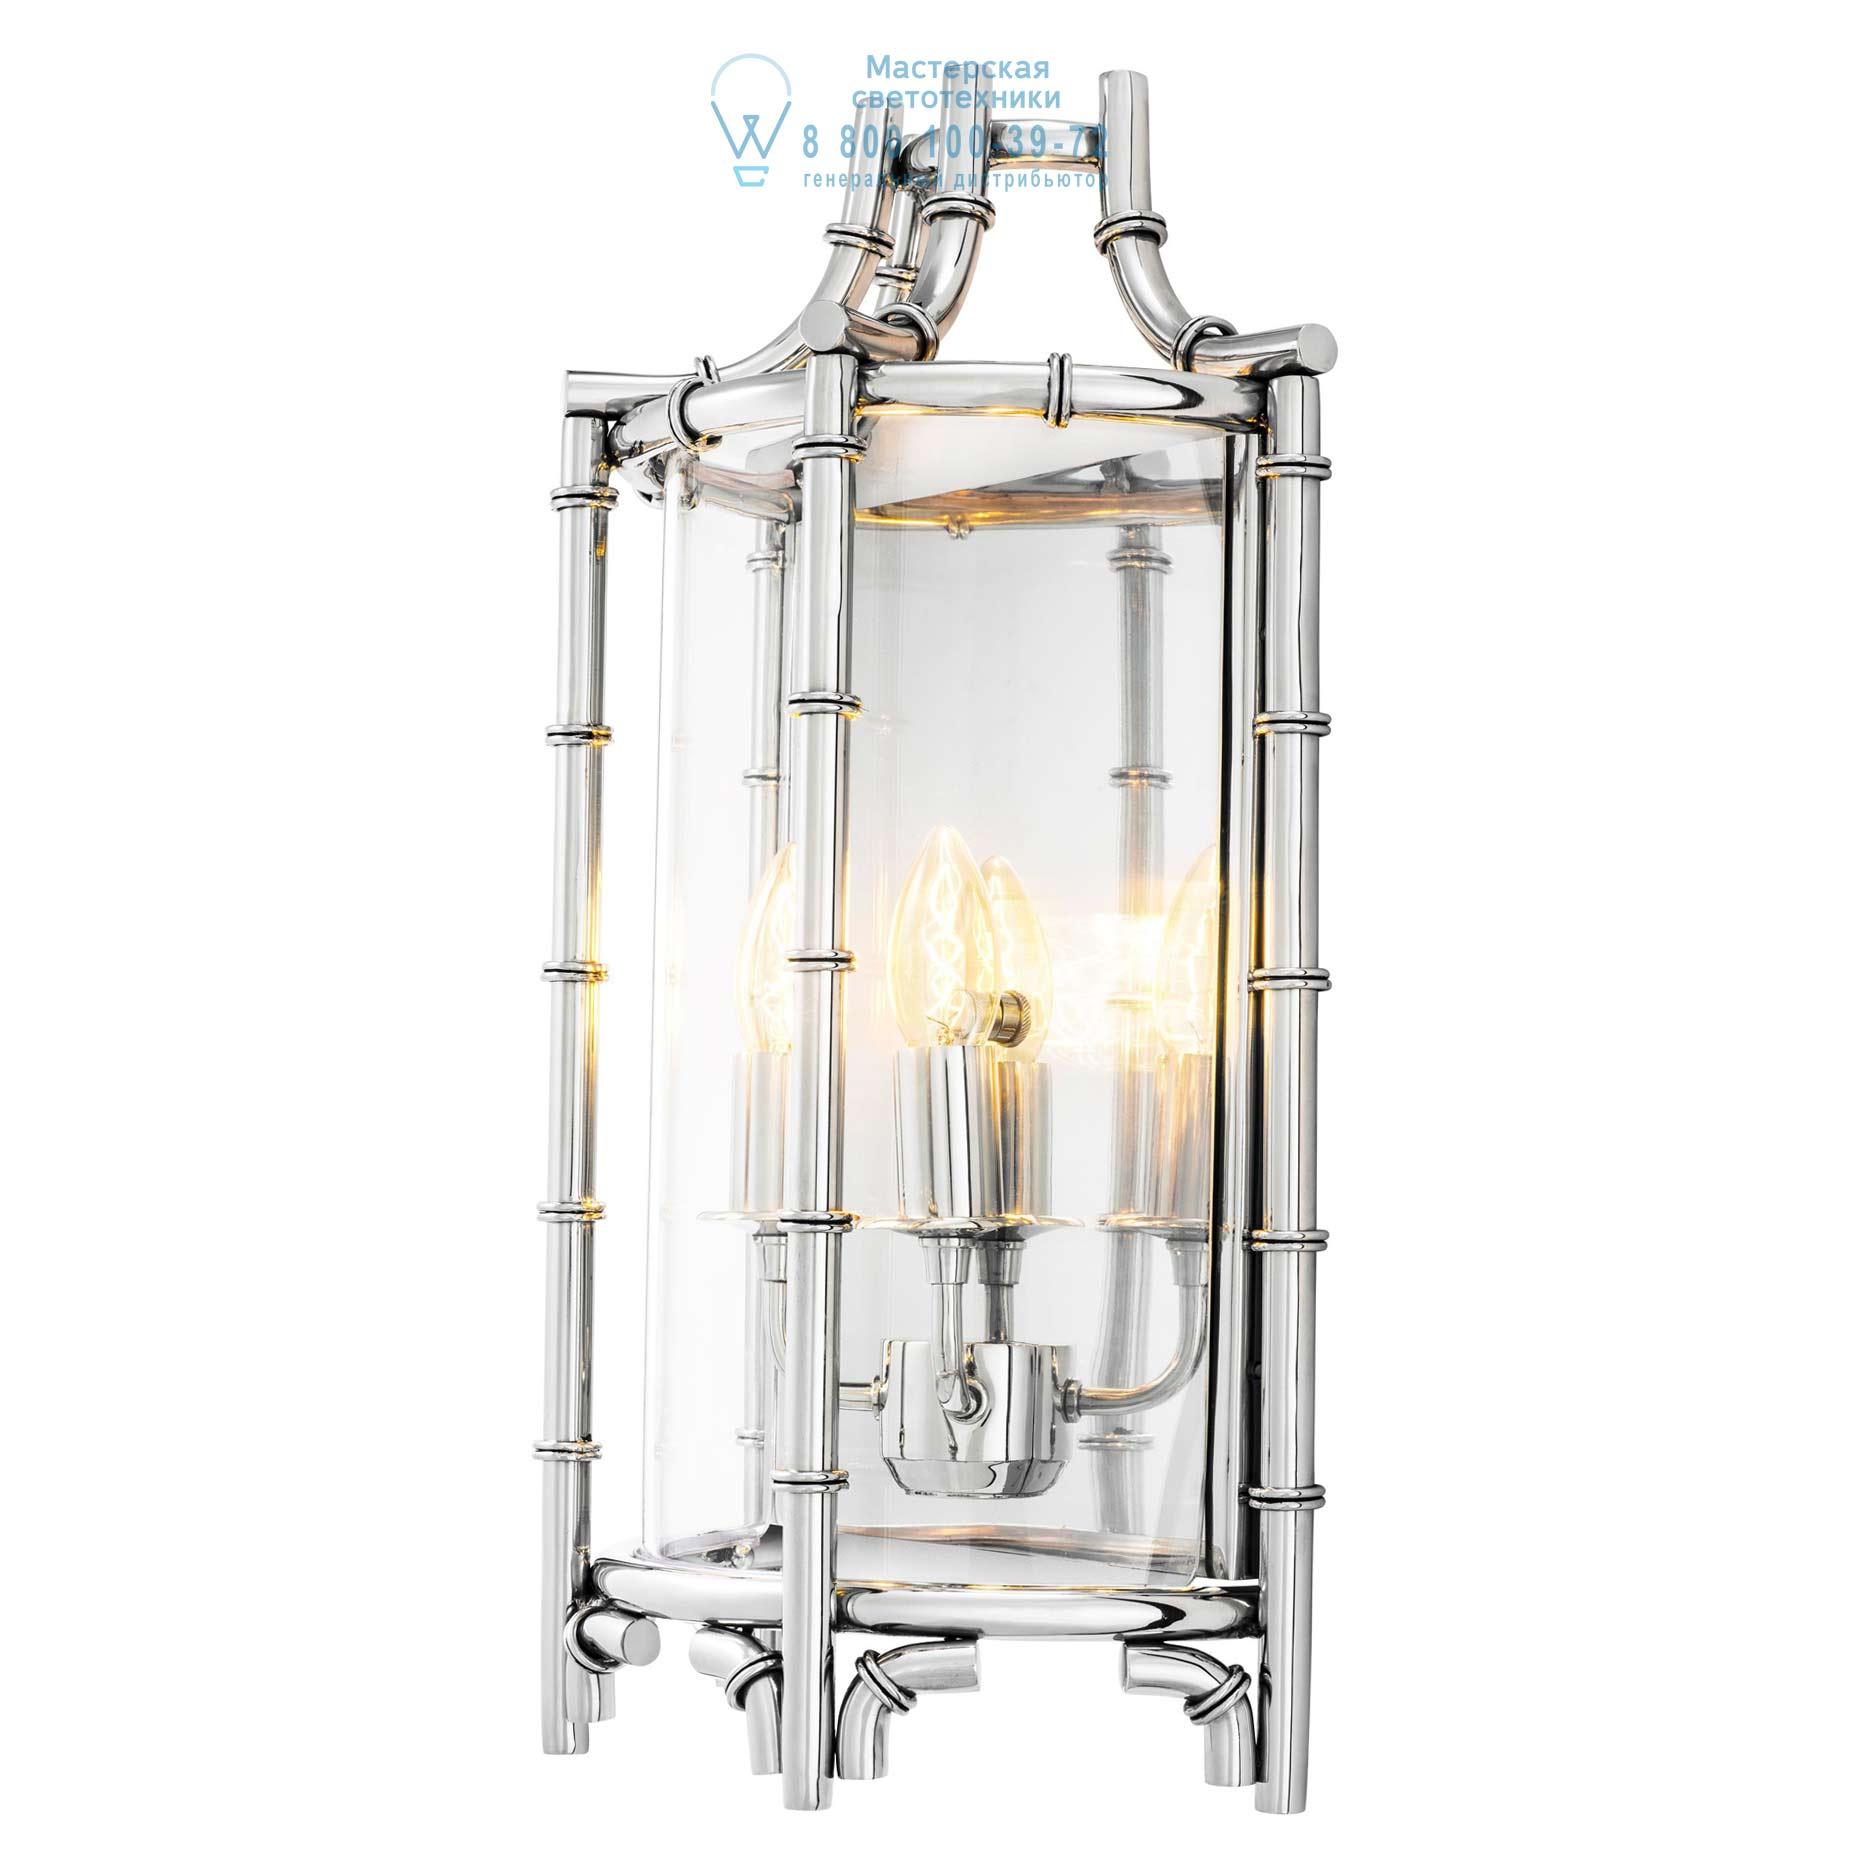 Настенный светильник Vasco из полированной нержавеющей стали Eichholtz 111251